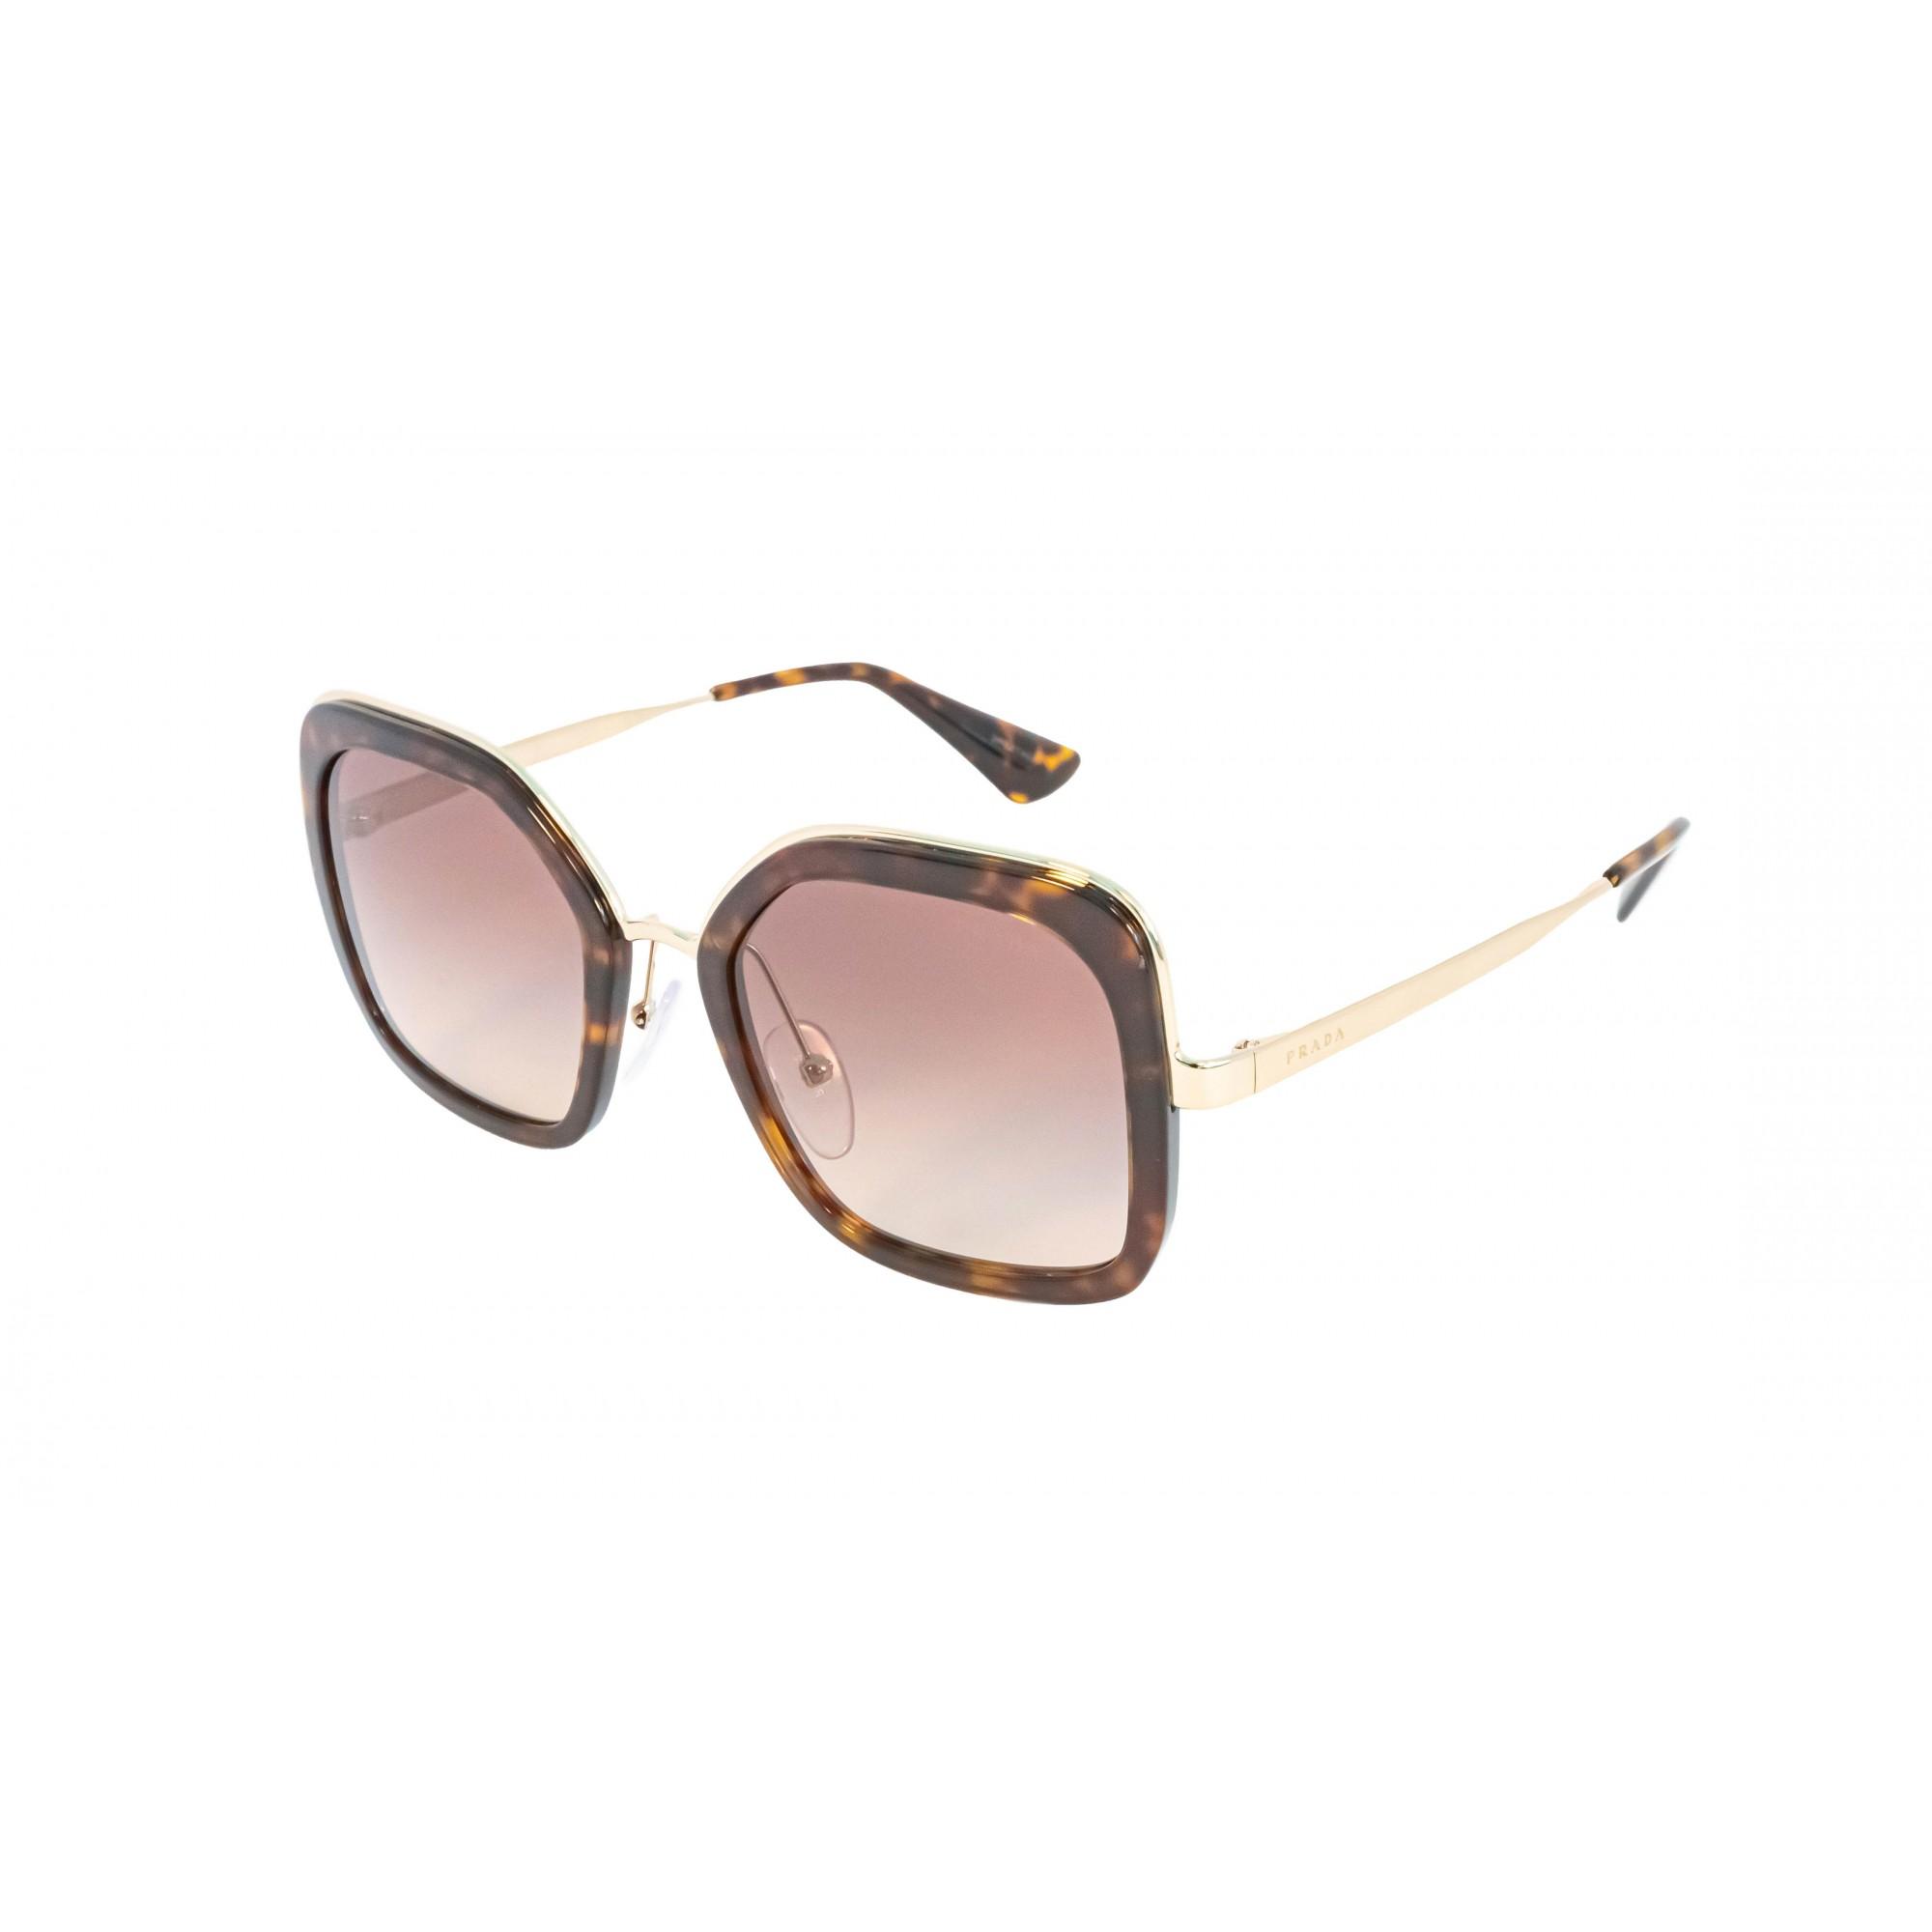 Óculos Prada Quadrado Spr57u 2au3d0 54 Tartaruga